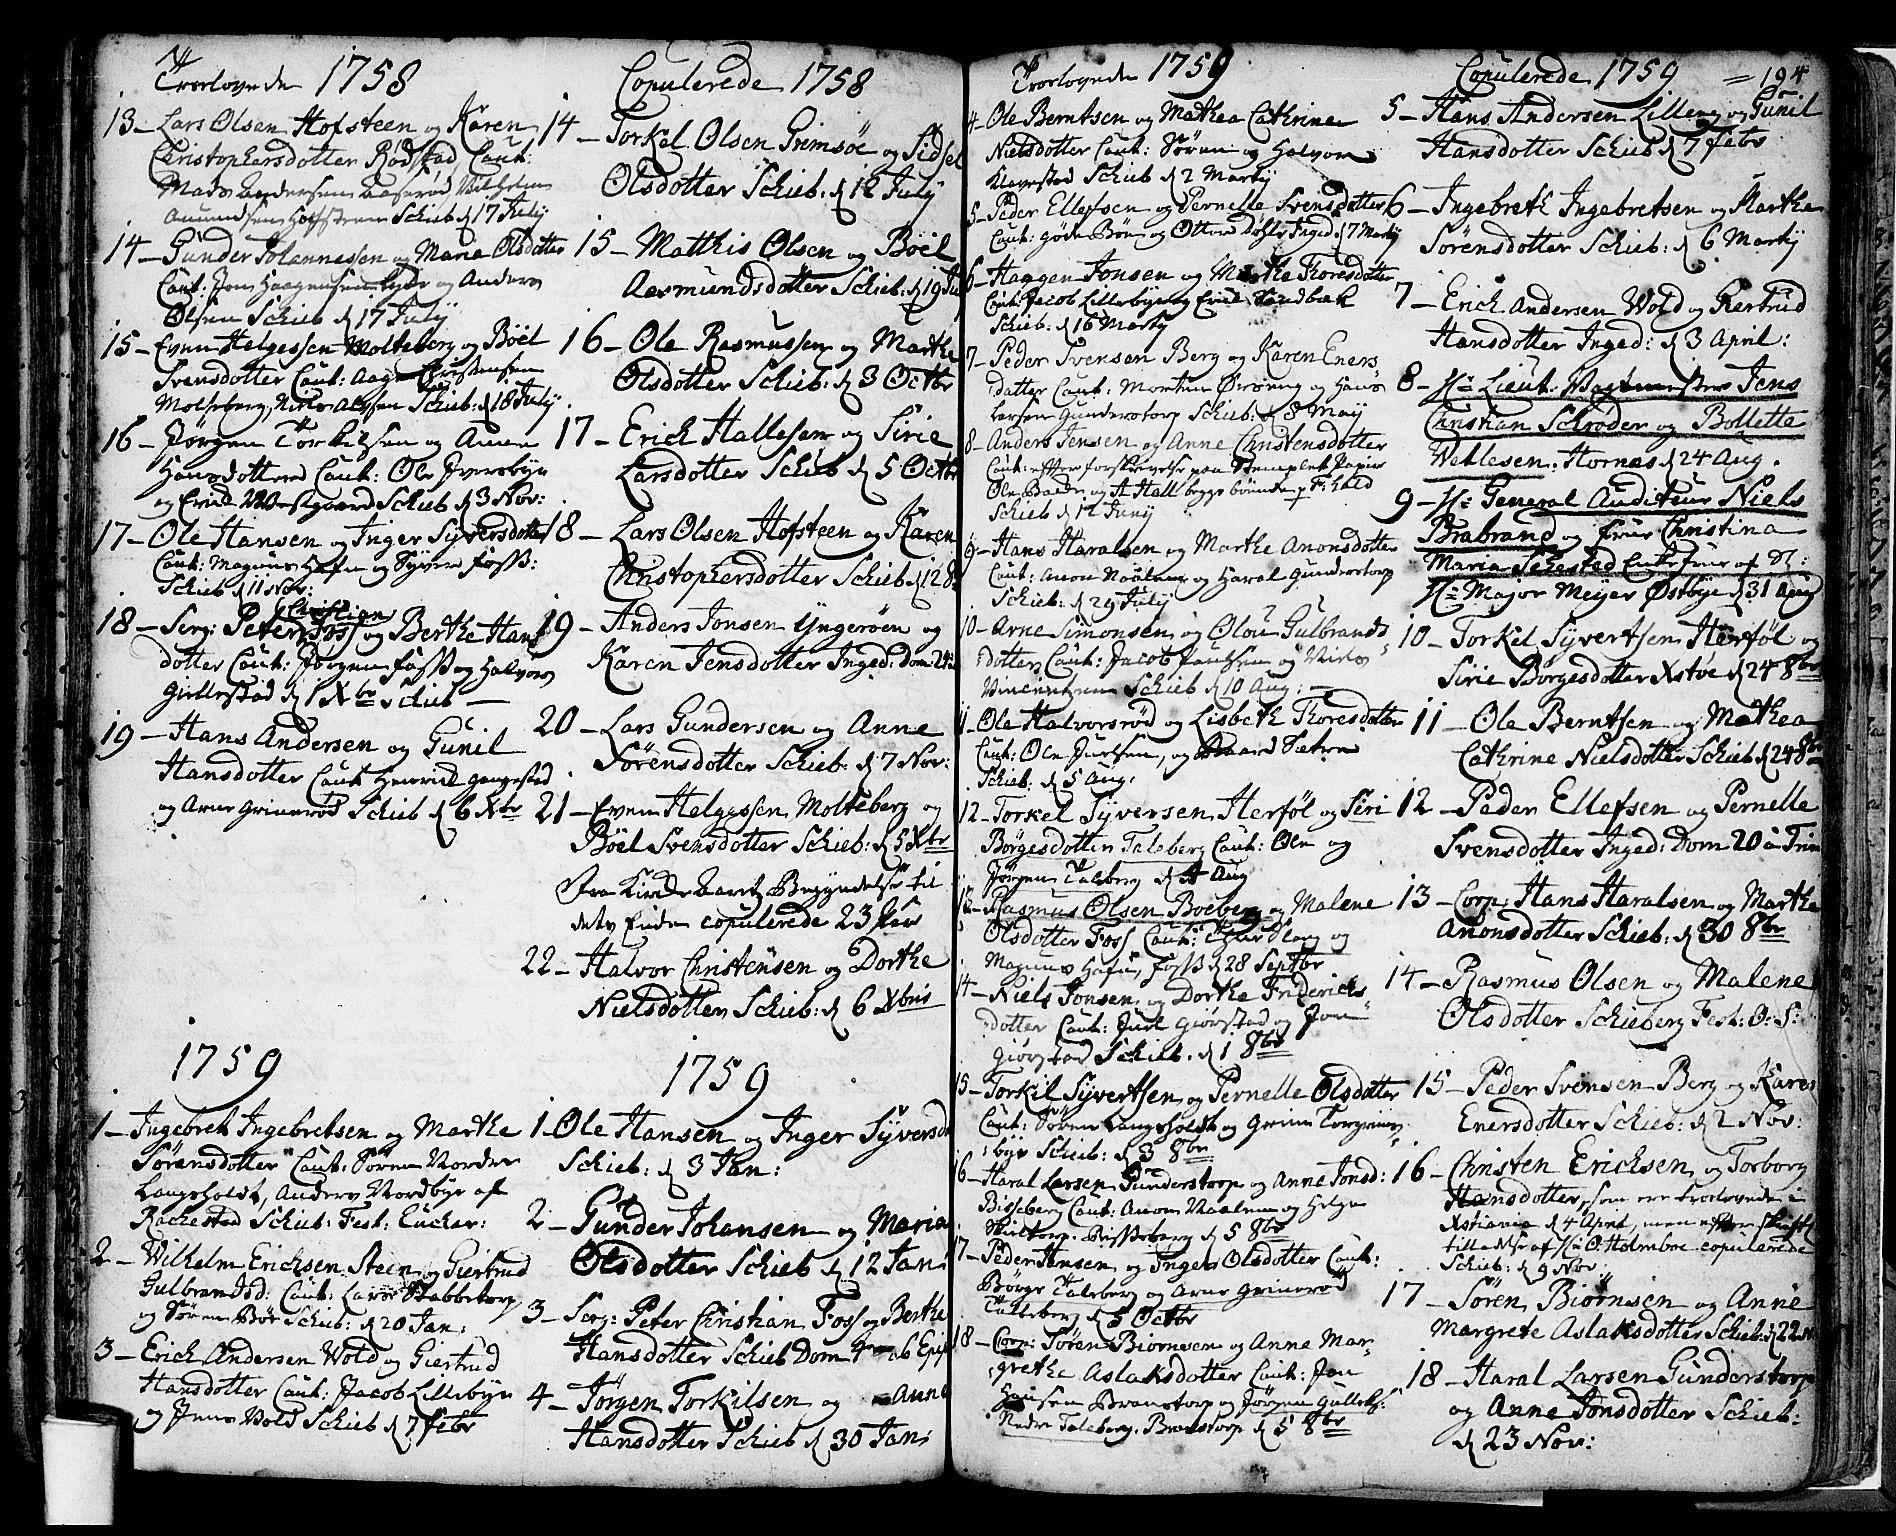 SAO, Skjeberg prestekontor Kirkebøker, F/Fa/L0002: Ministerialbok nr. I 2, 1726-1791, s. 194